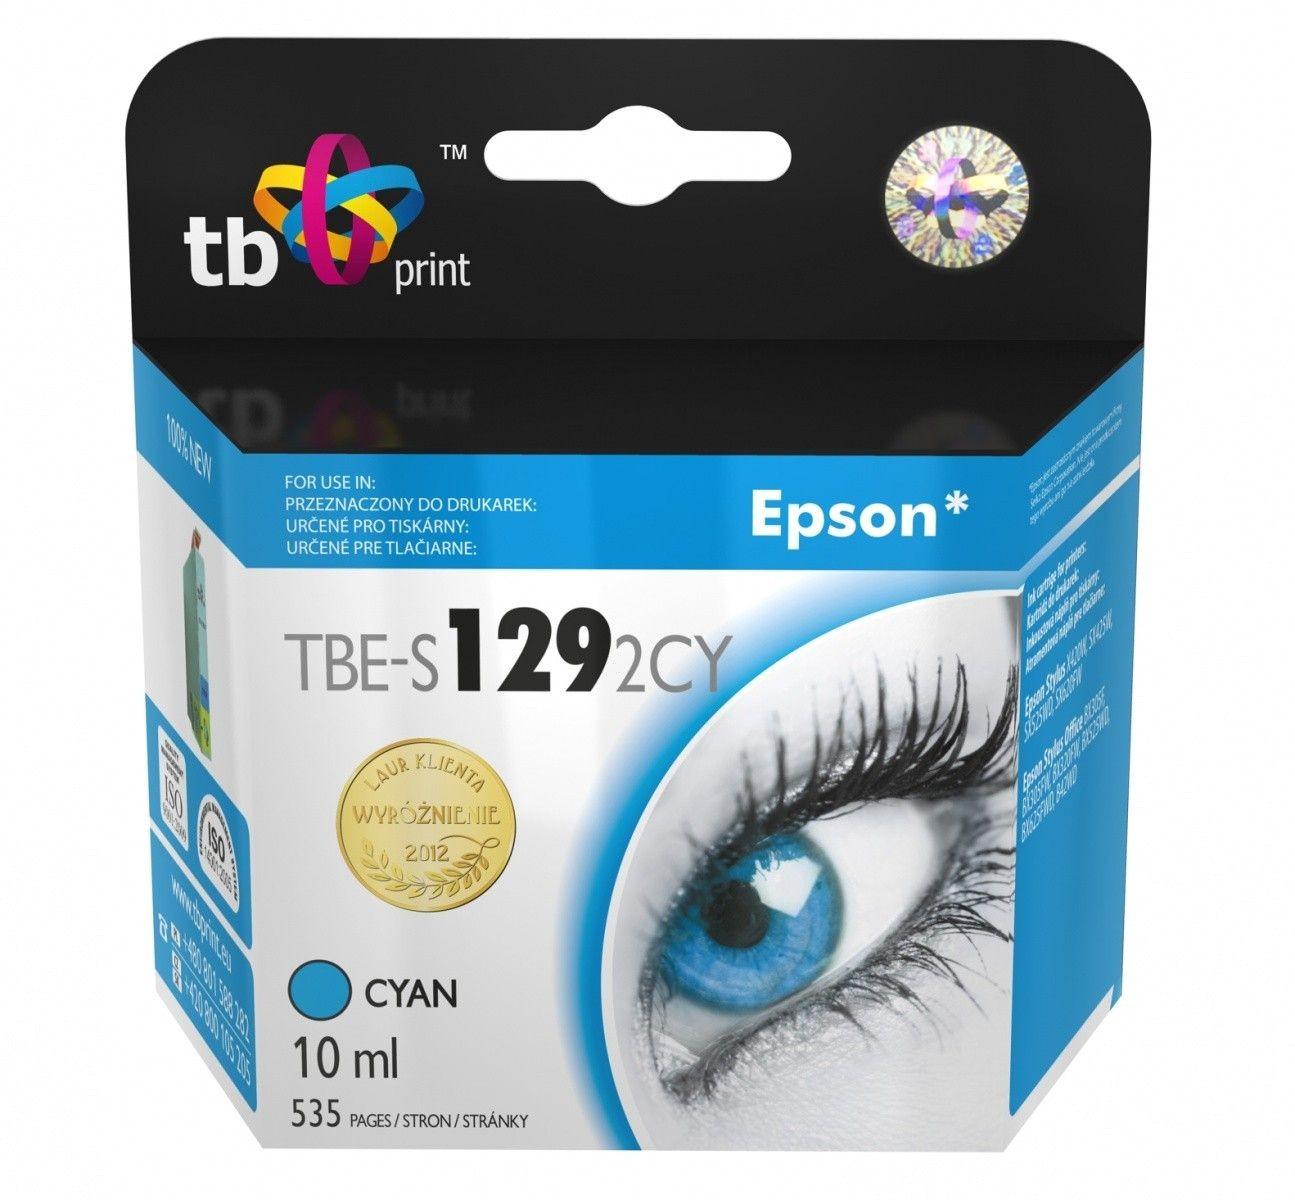 TB Print Tusz do Epson SX420W TBE-S1292CY CY